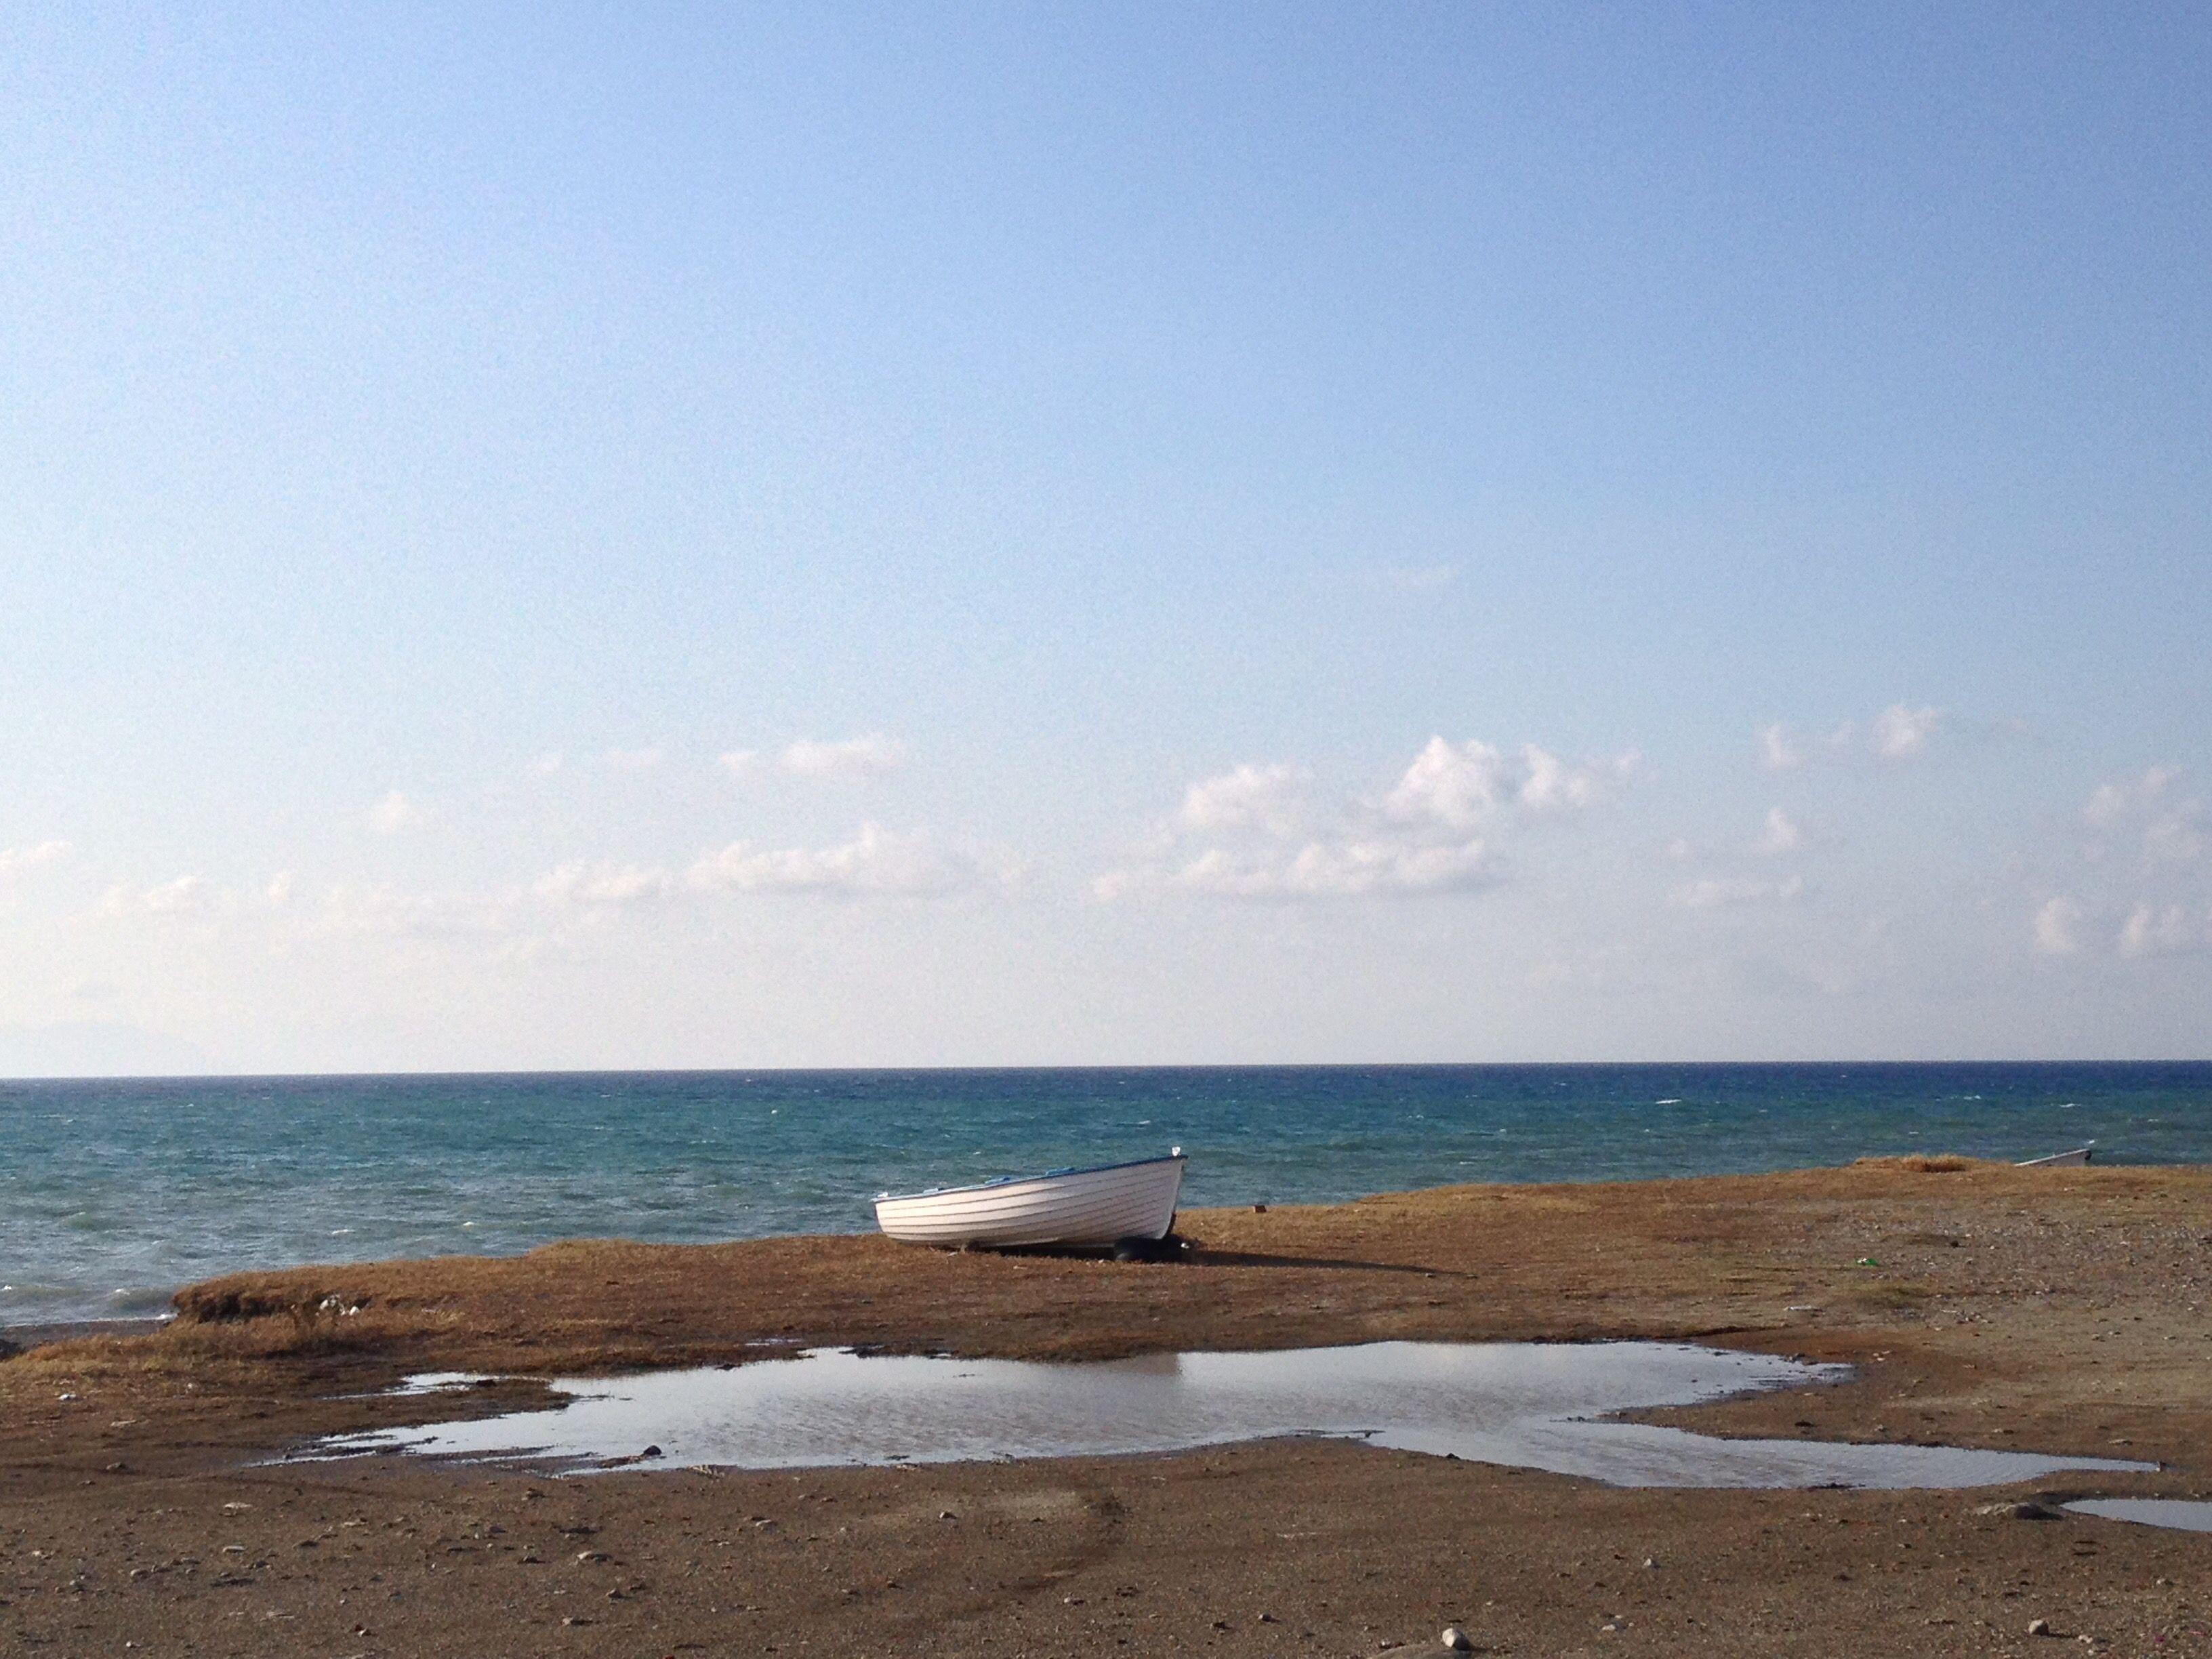 Torna il bel tempo ed una passeggiata al mare è obbligatoria ! Chissà questi colori potrebbero ispirarmi! 🌴😀🌈 Intanto questa brezza marina mi fa venire i brividi, mi servirebbe quel bel copri spal…